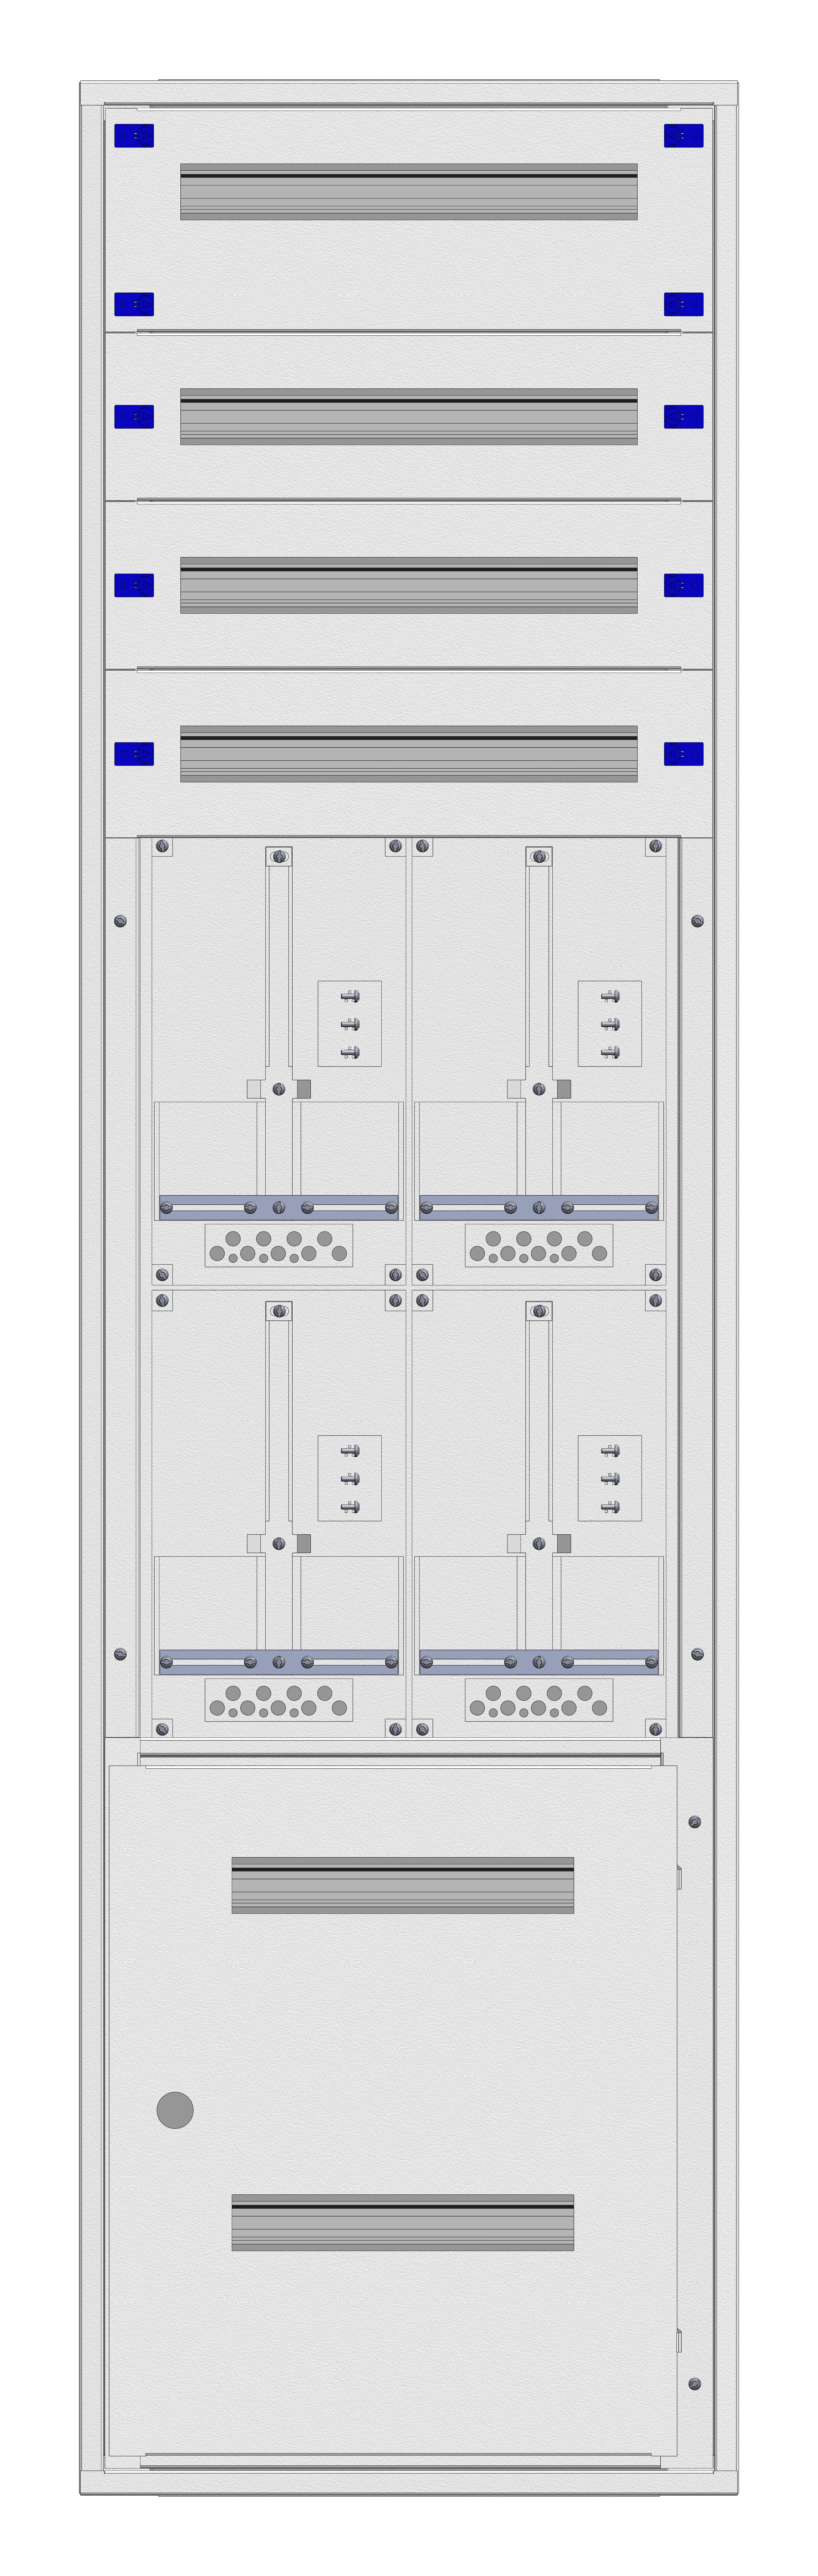 1 Stk Aufputz-Zählerverteiler 2A-42G/STMK 4ZP, H2025B590T250mm IL162242GS